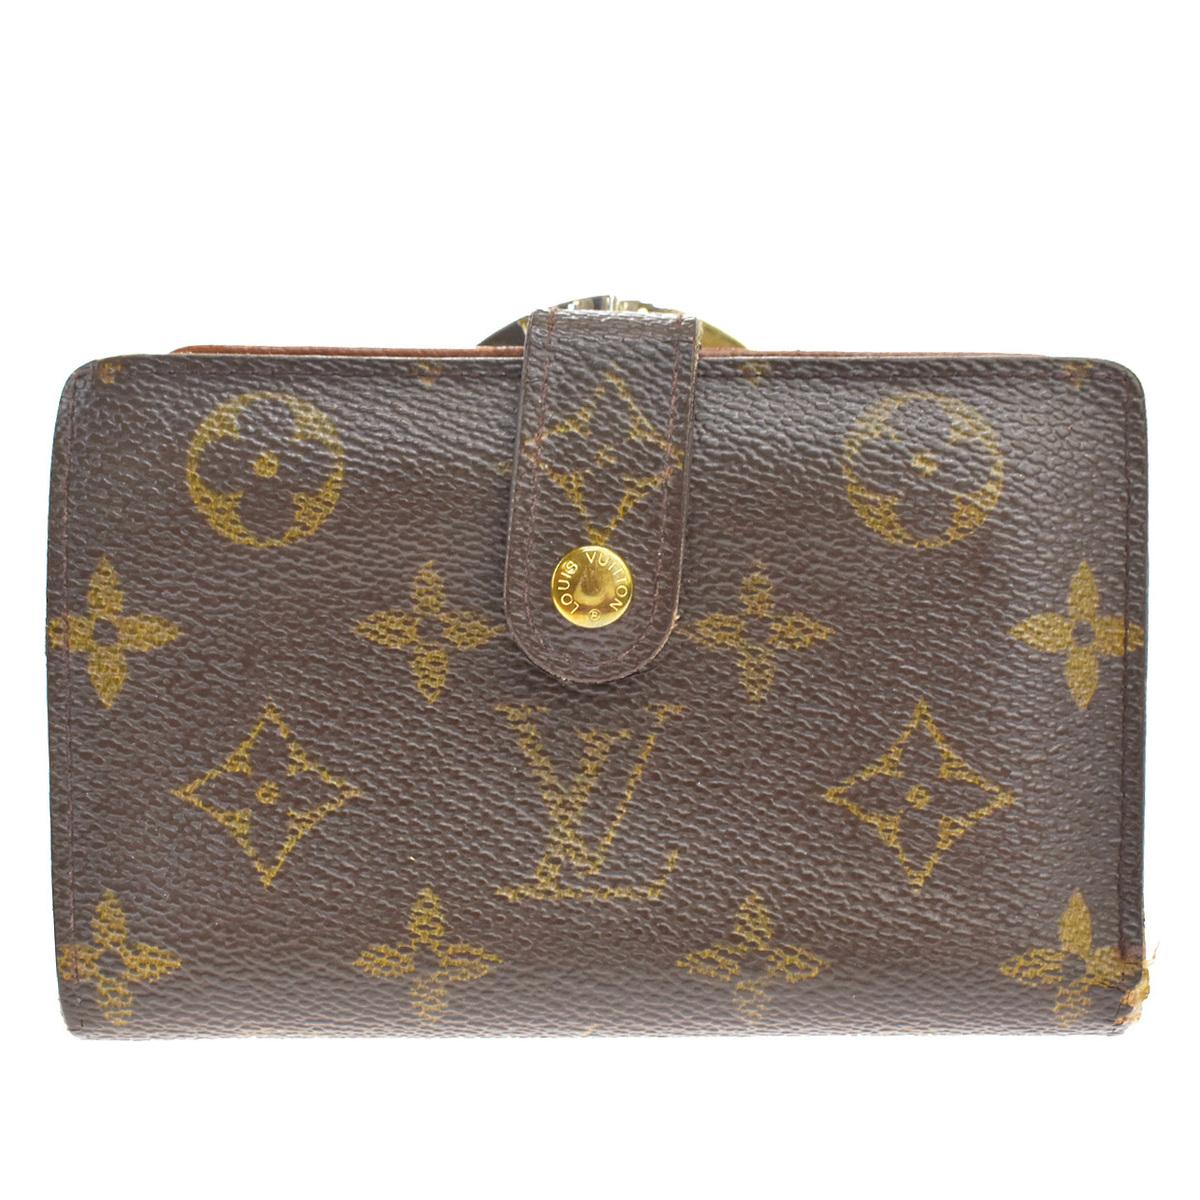 中古 ルイ ヴィトン Louis Vuitton モノグラム ポルトフォイユ 通販 激安 ヴィエノワ PVC 二つ折り M61674 財布 07GC752 レザー ブラウン 数量限定アウトレット最安価格